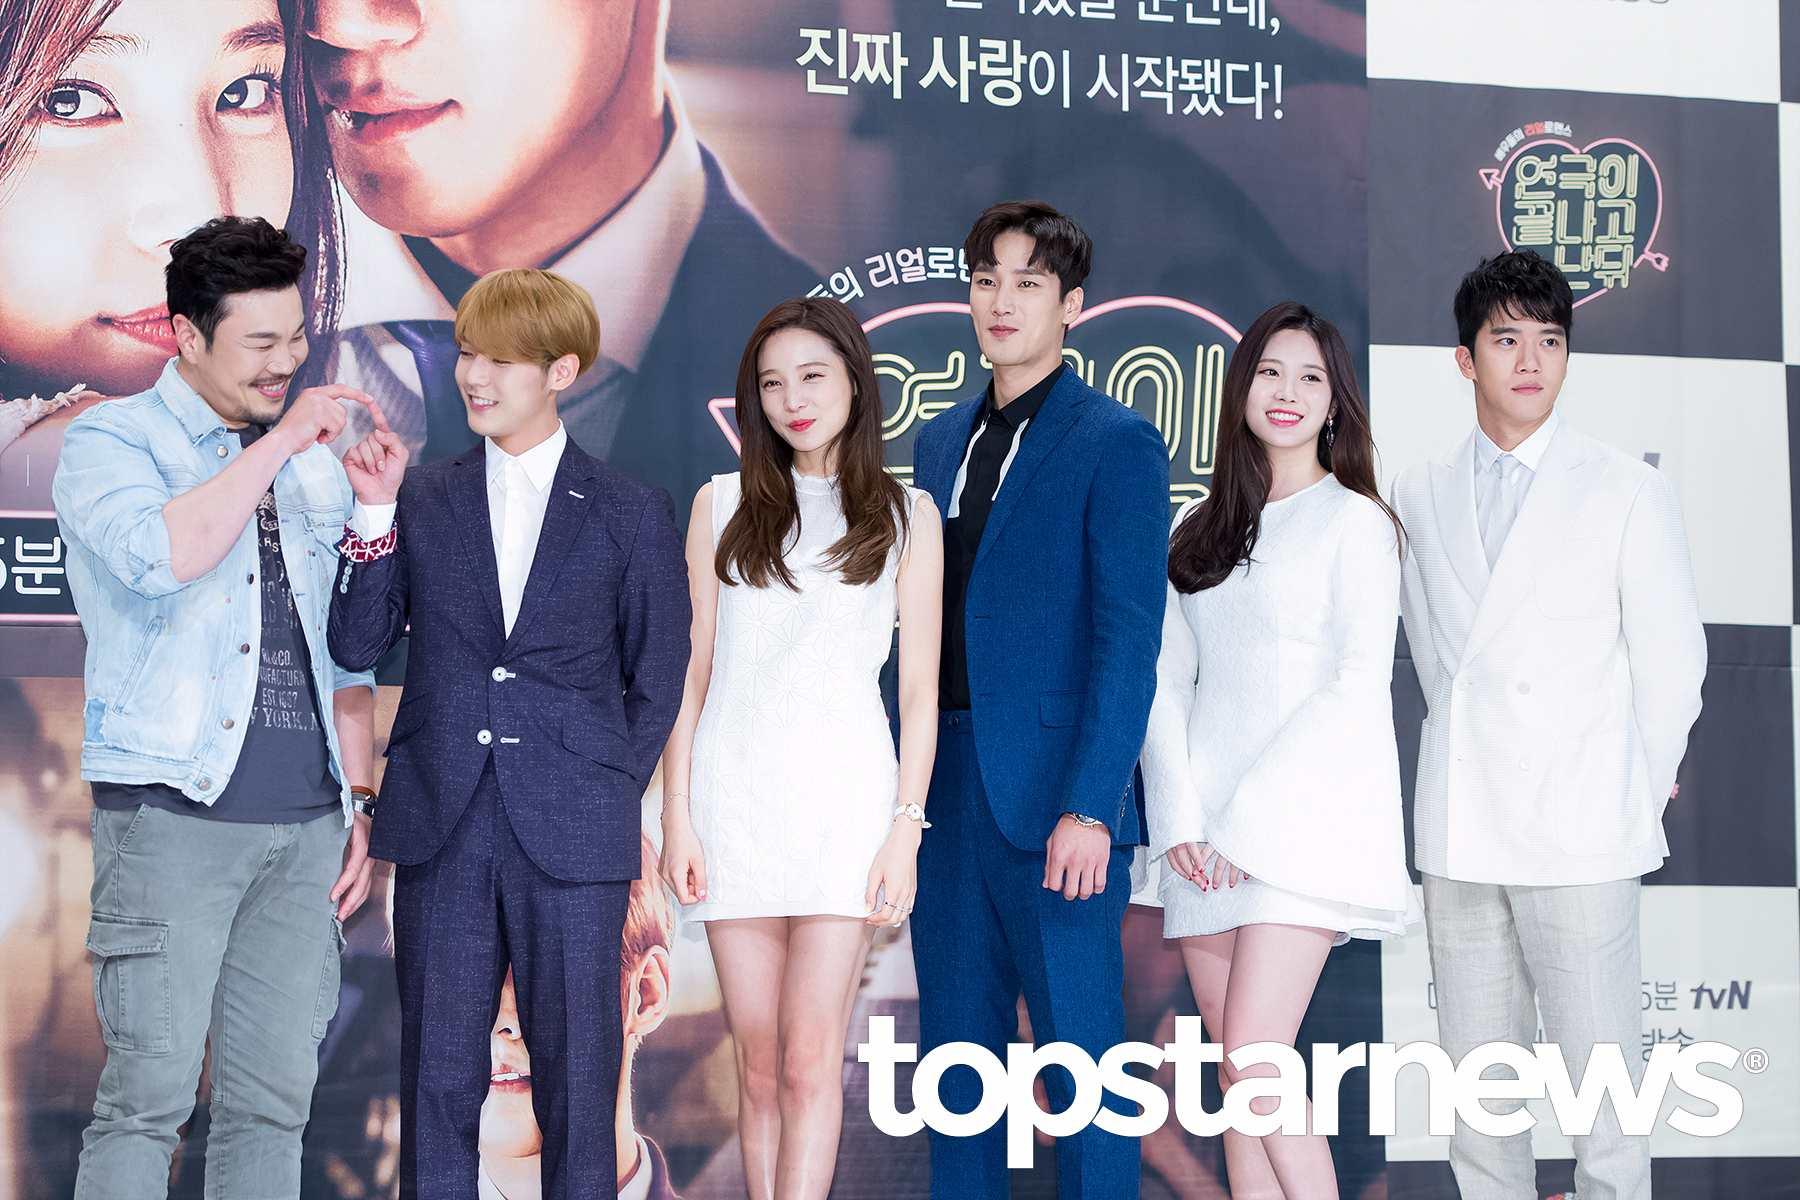 最近則是演出tvN《戲劇結束之後》的綜藝節目~